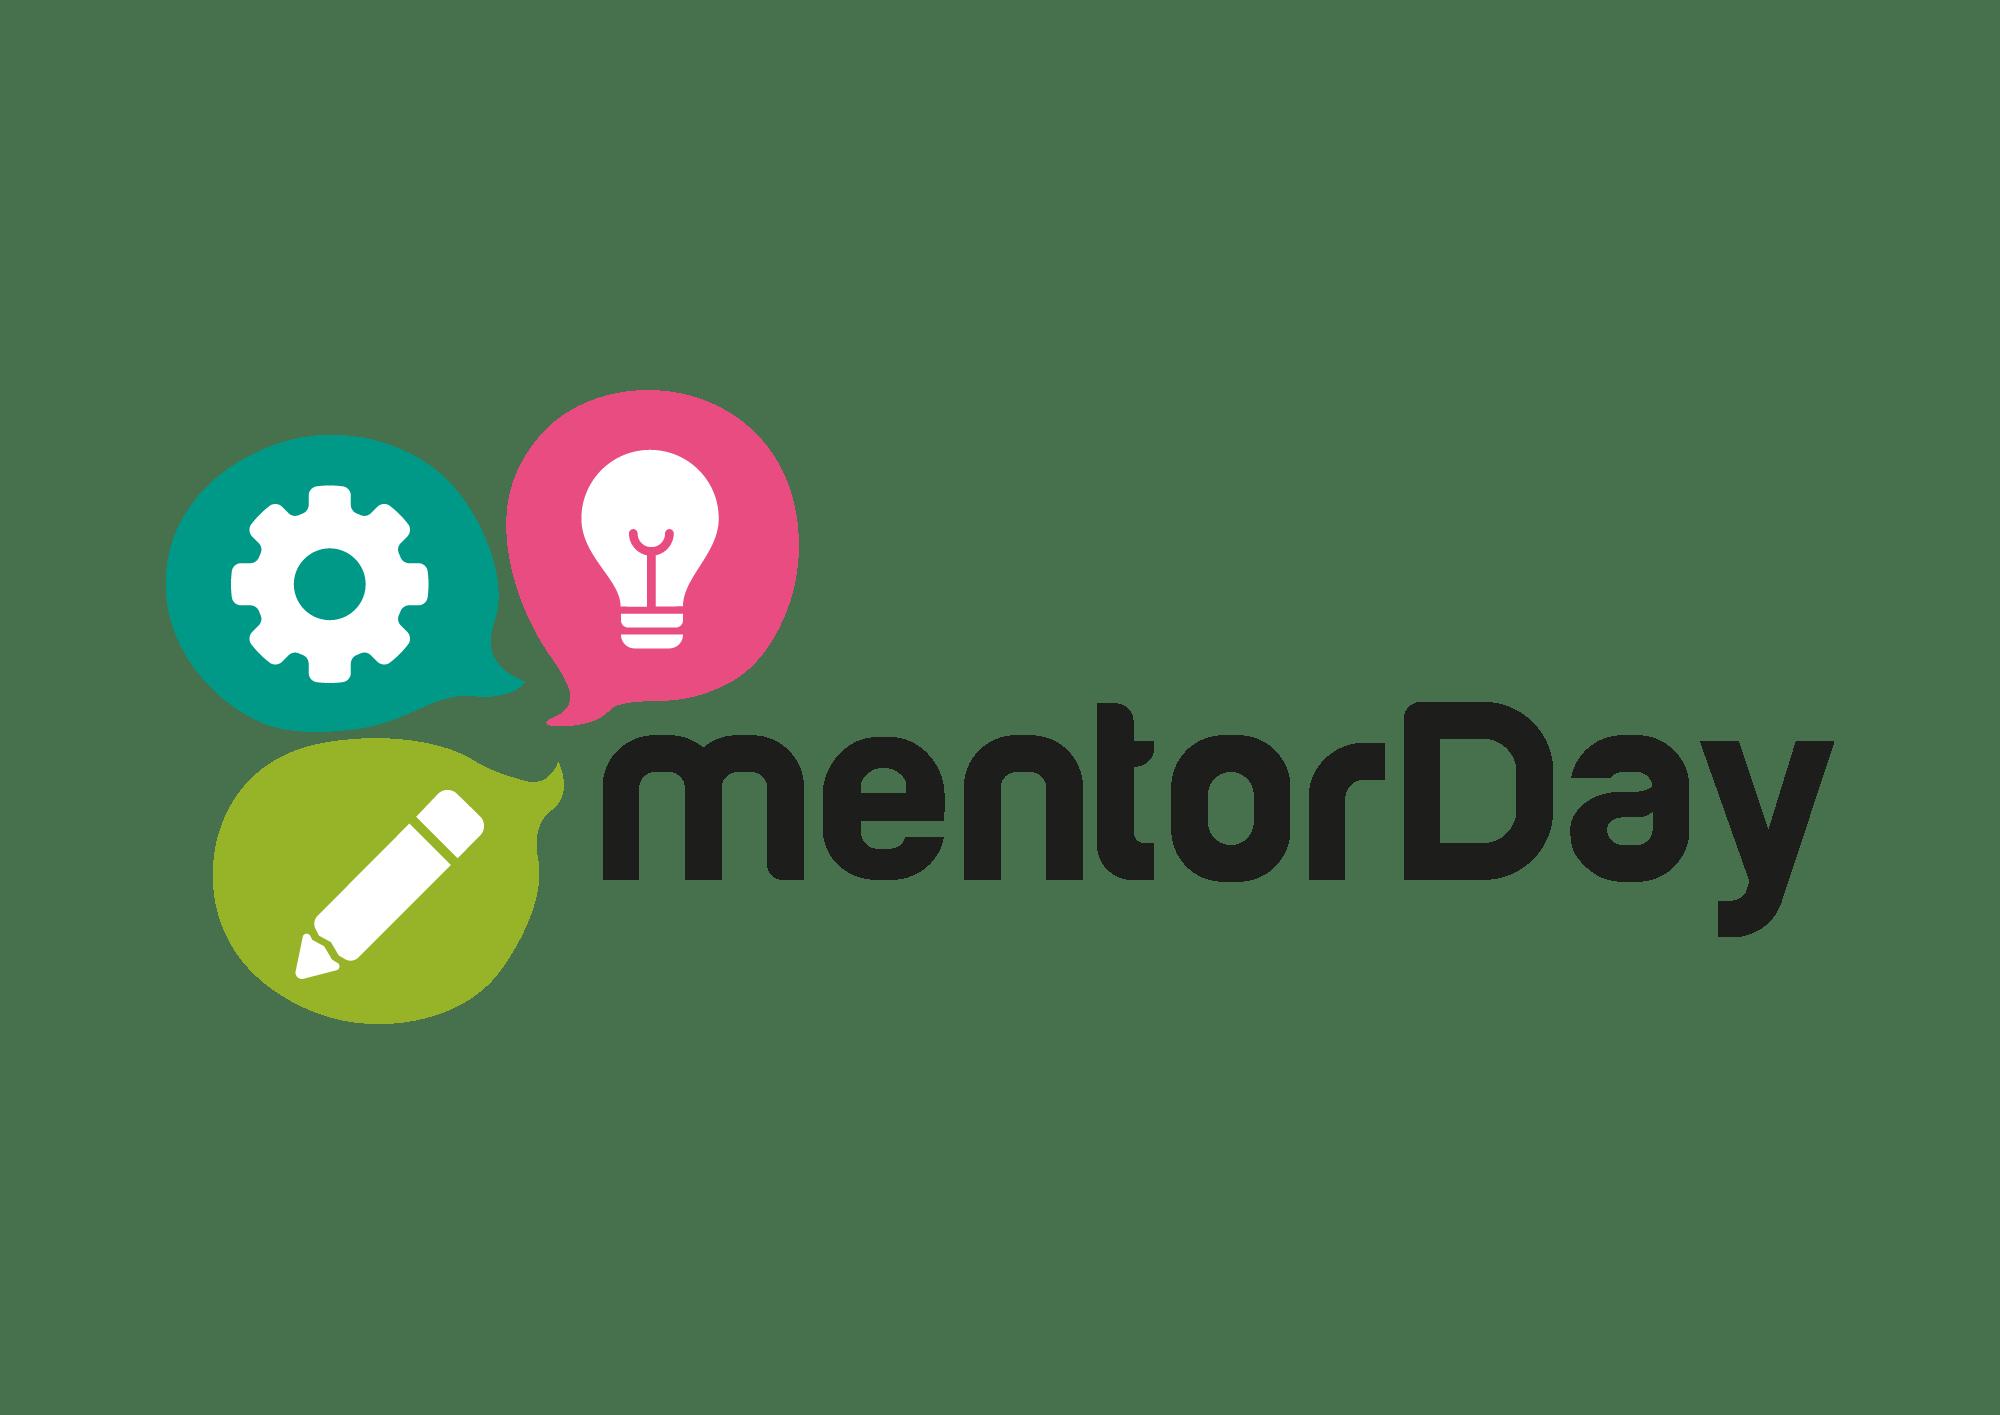 12 proyectos seleccionados para el Mentor Day de septiembre en Tenerife